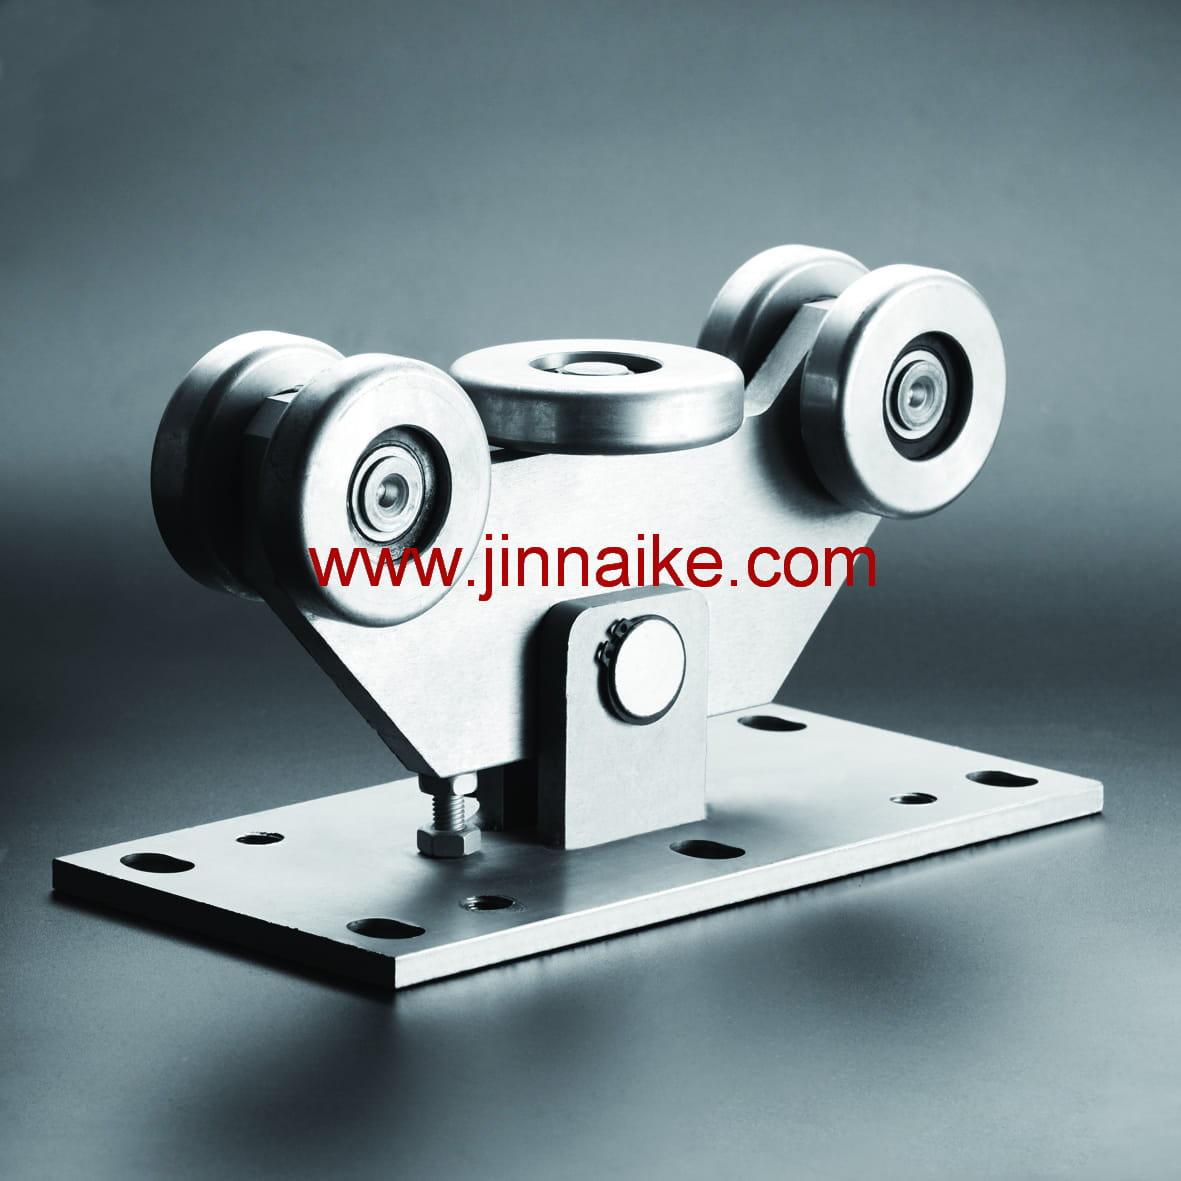 Rodillo de carro de puerta voladizo (5 ruedas medianas y grandes)